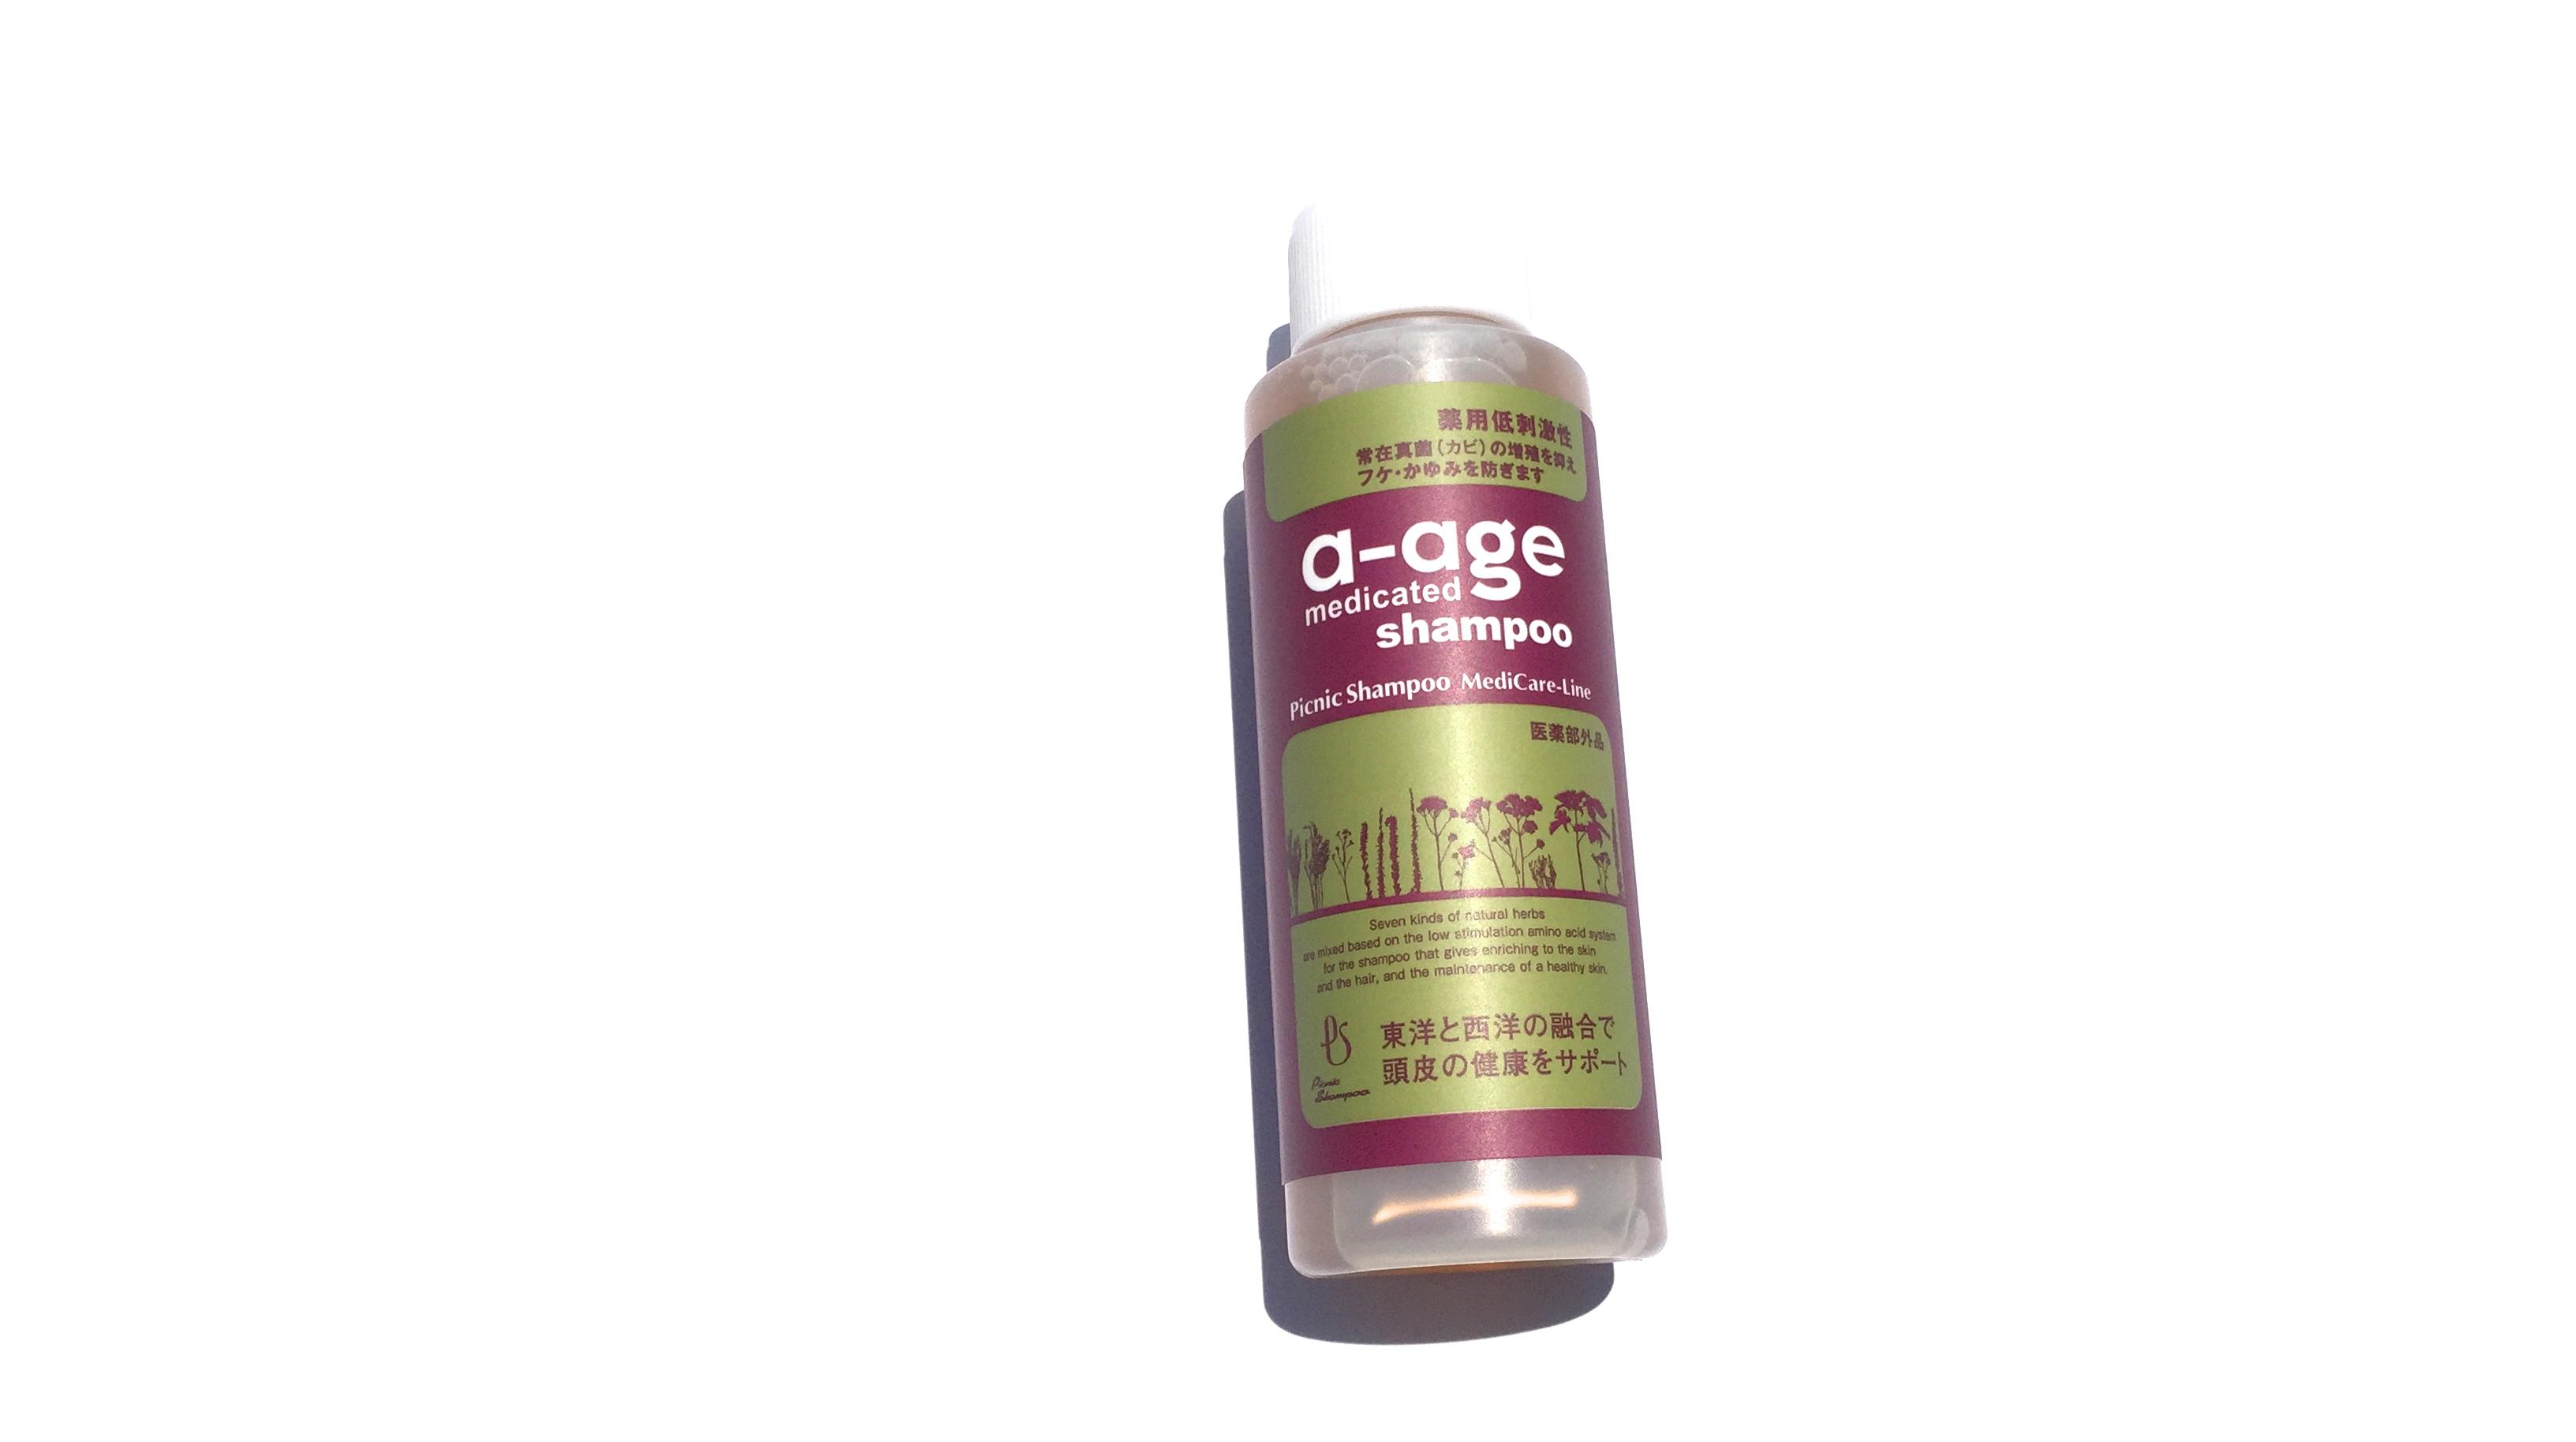 Medicated Shampoo  a-age メディケイティット シャンプー エー エイジ_d0217958_12424083.jpg